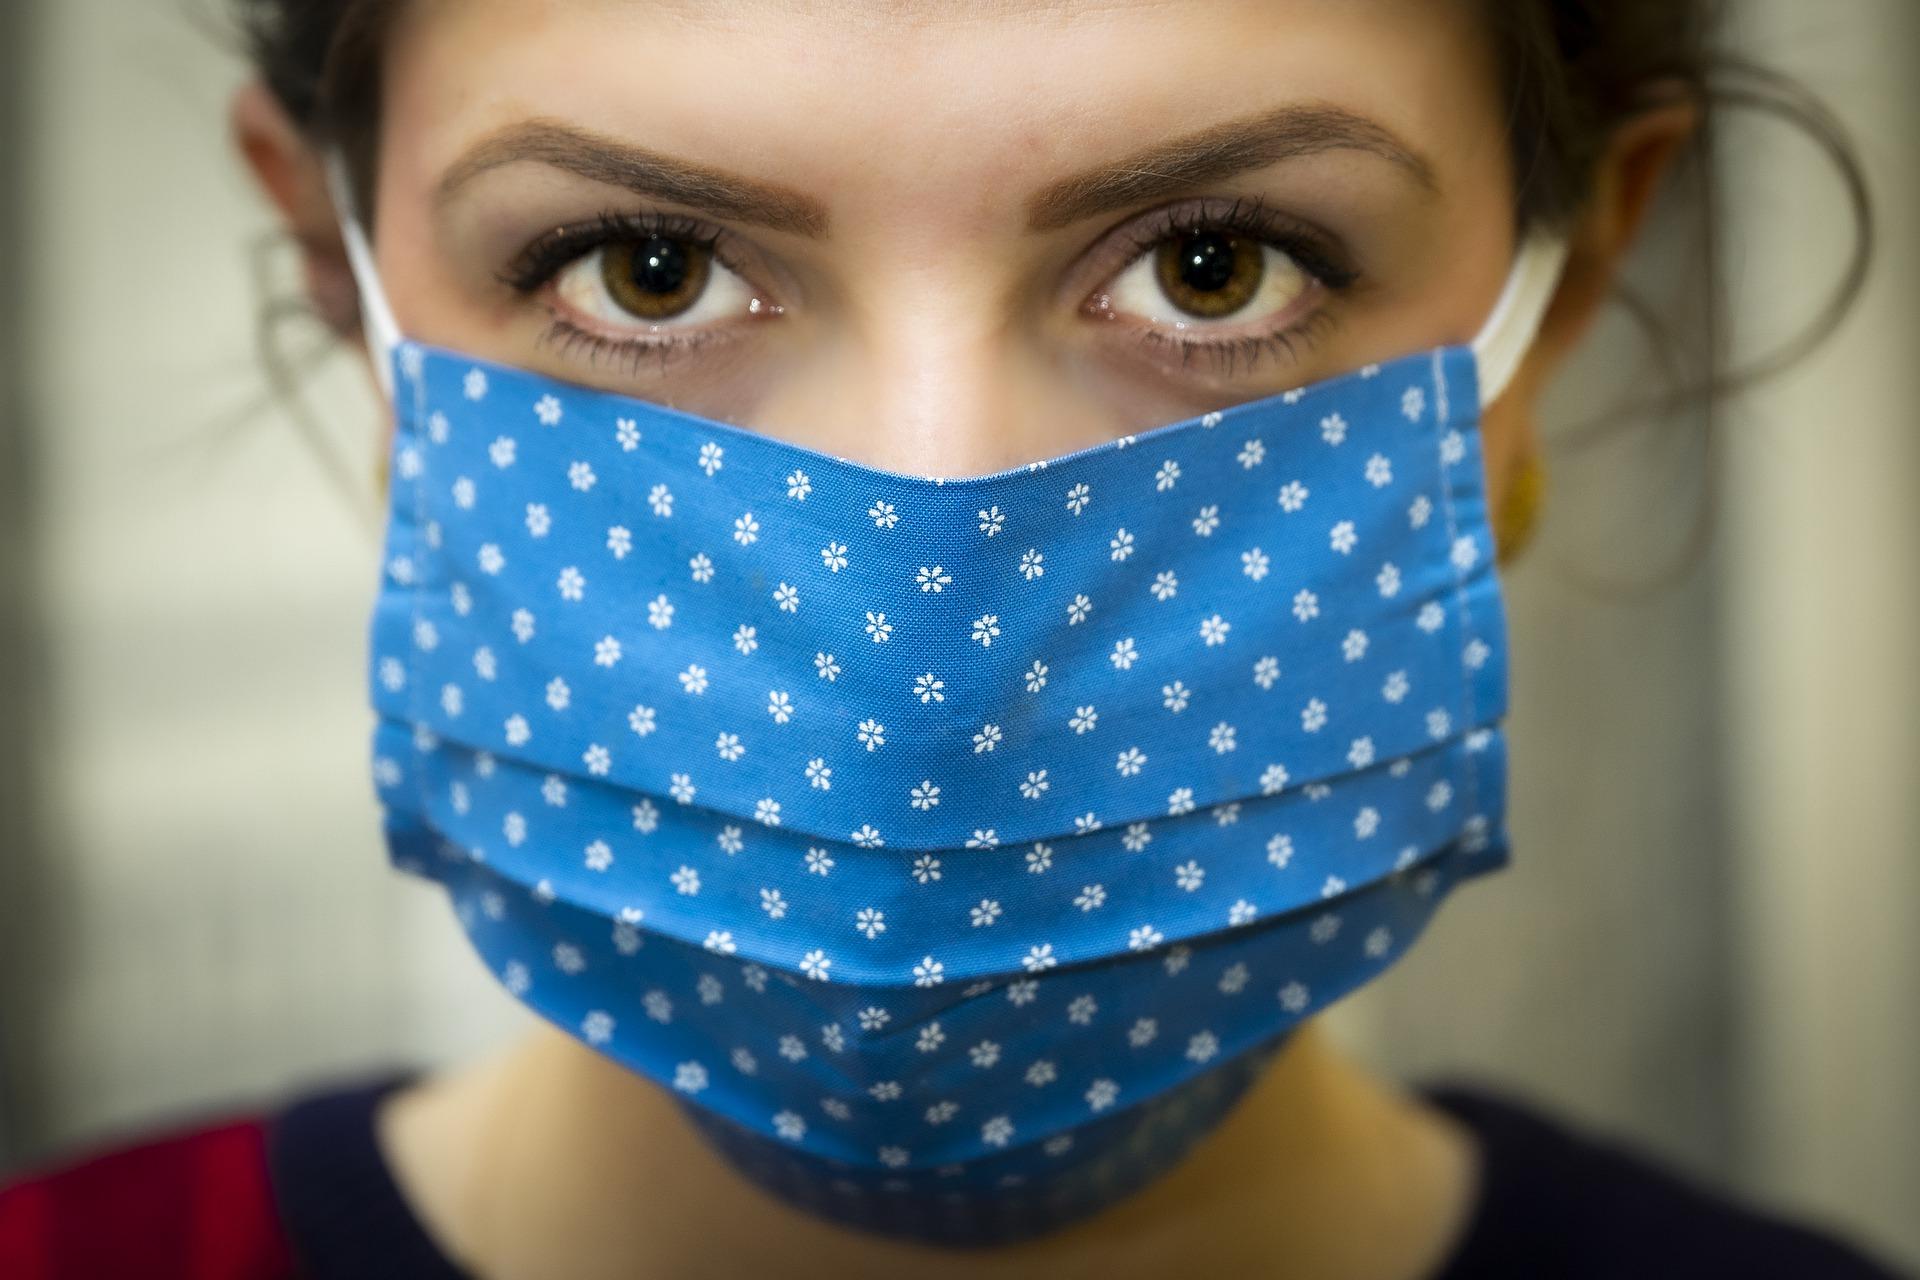 Bilanț COVID-19 București, joi, 2 septembrie. Aproape 1.500 de cazuri noi de coronavirus în ultimele 24 de ore